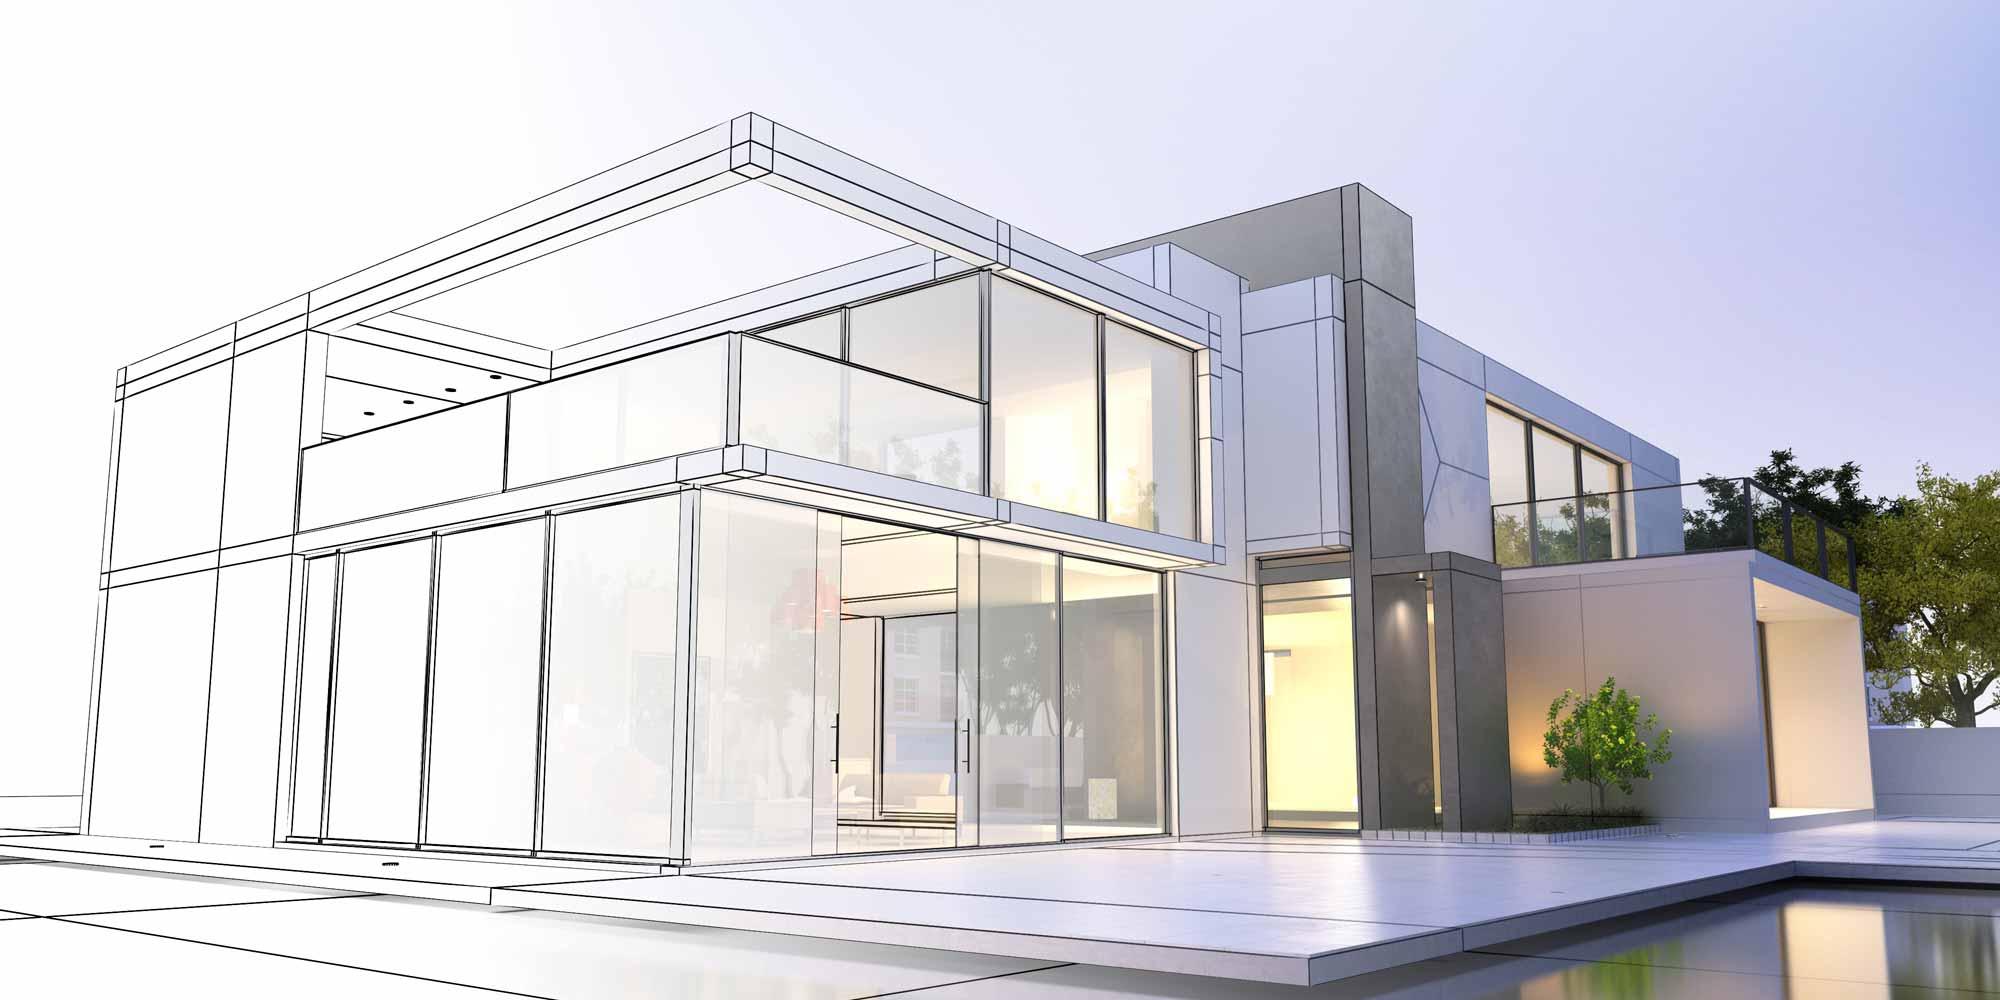 Achat de maison: vous préférez investir dans le neuf ou l'ancien?